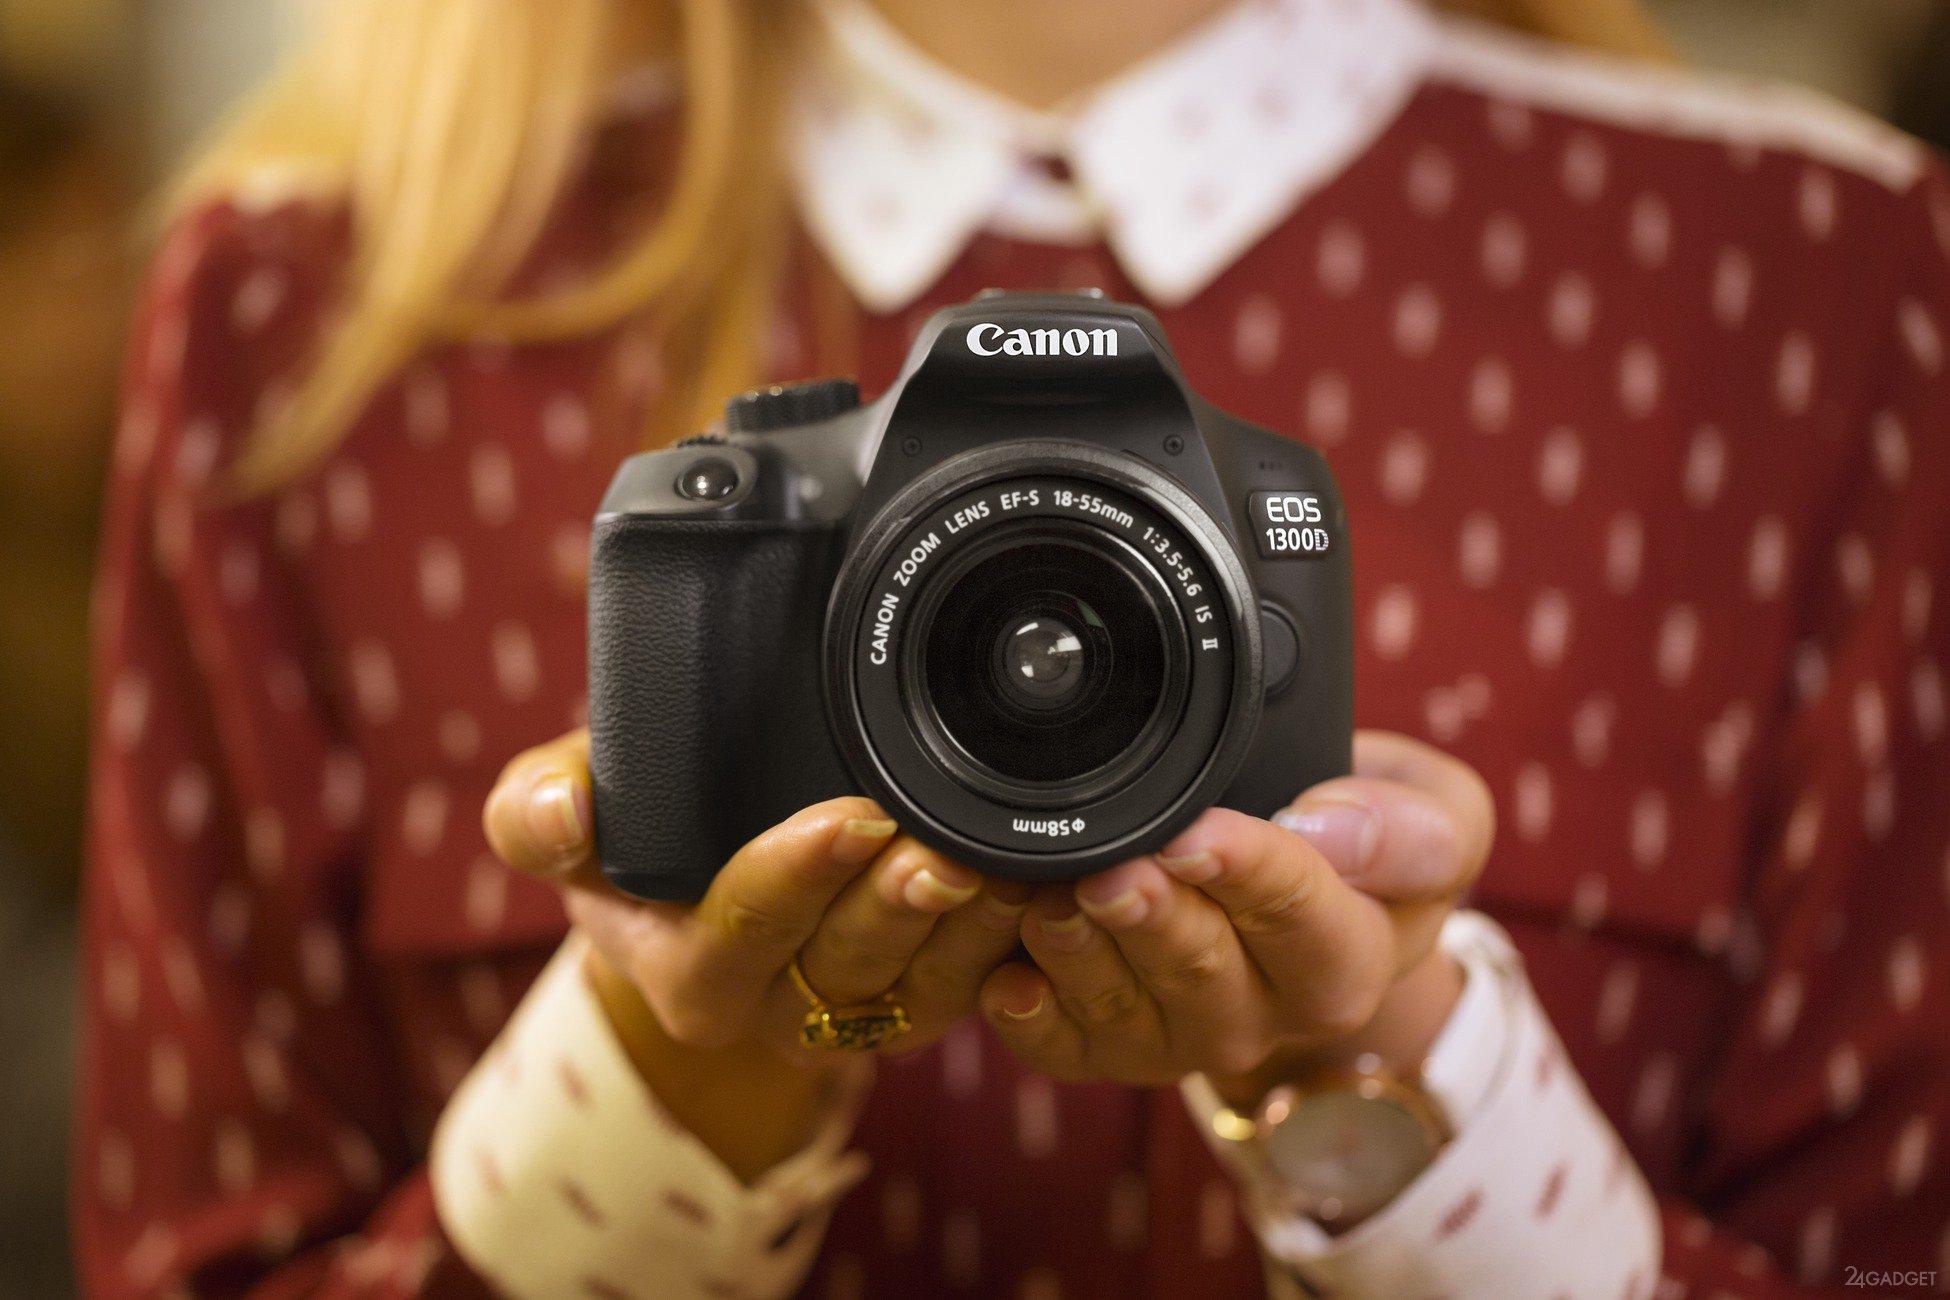 фотоаппарат перестал видеть фотографии несмотря юный